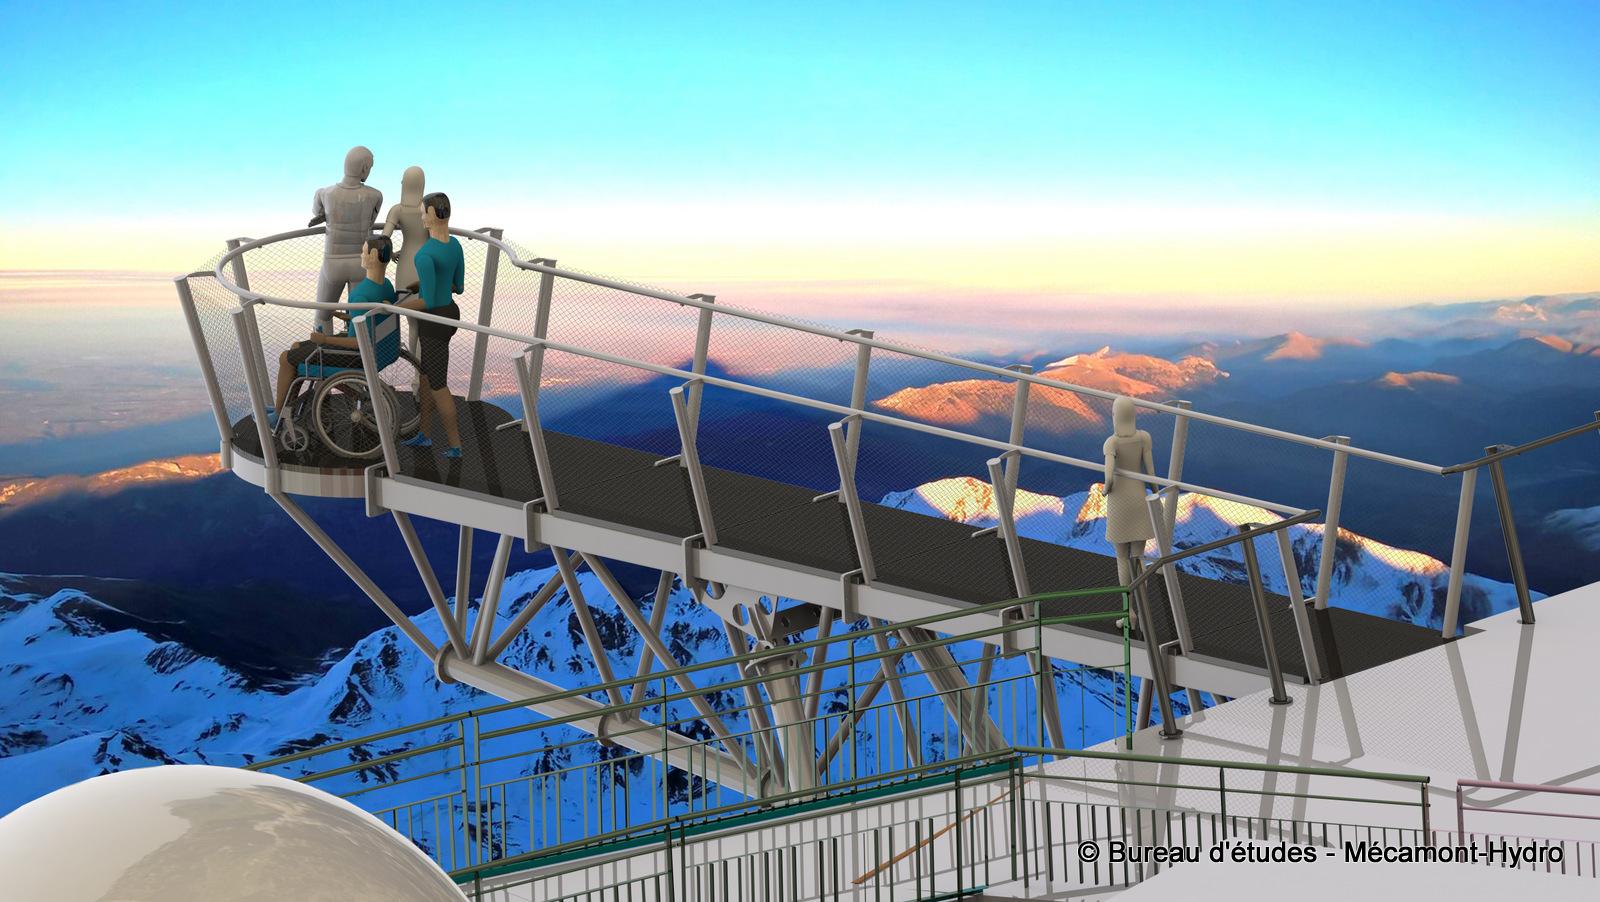 l'Hyper-belvédère du Pic du Midi de Bigorre réalisé par Mécamont-Hydro - vue au couchant